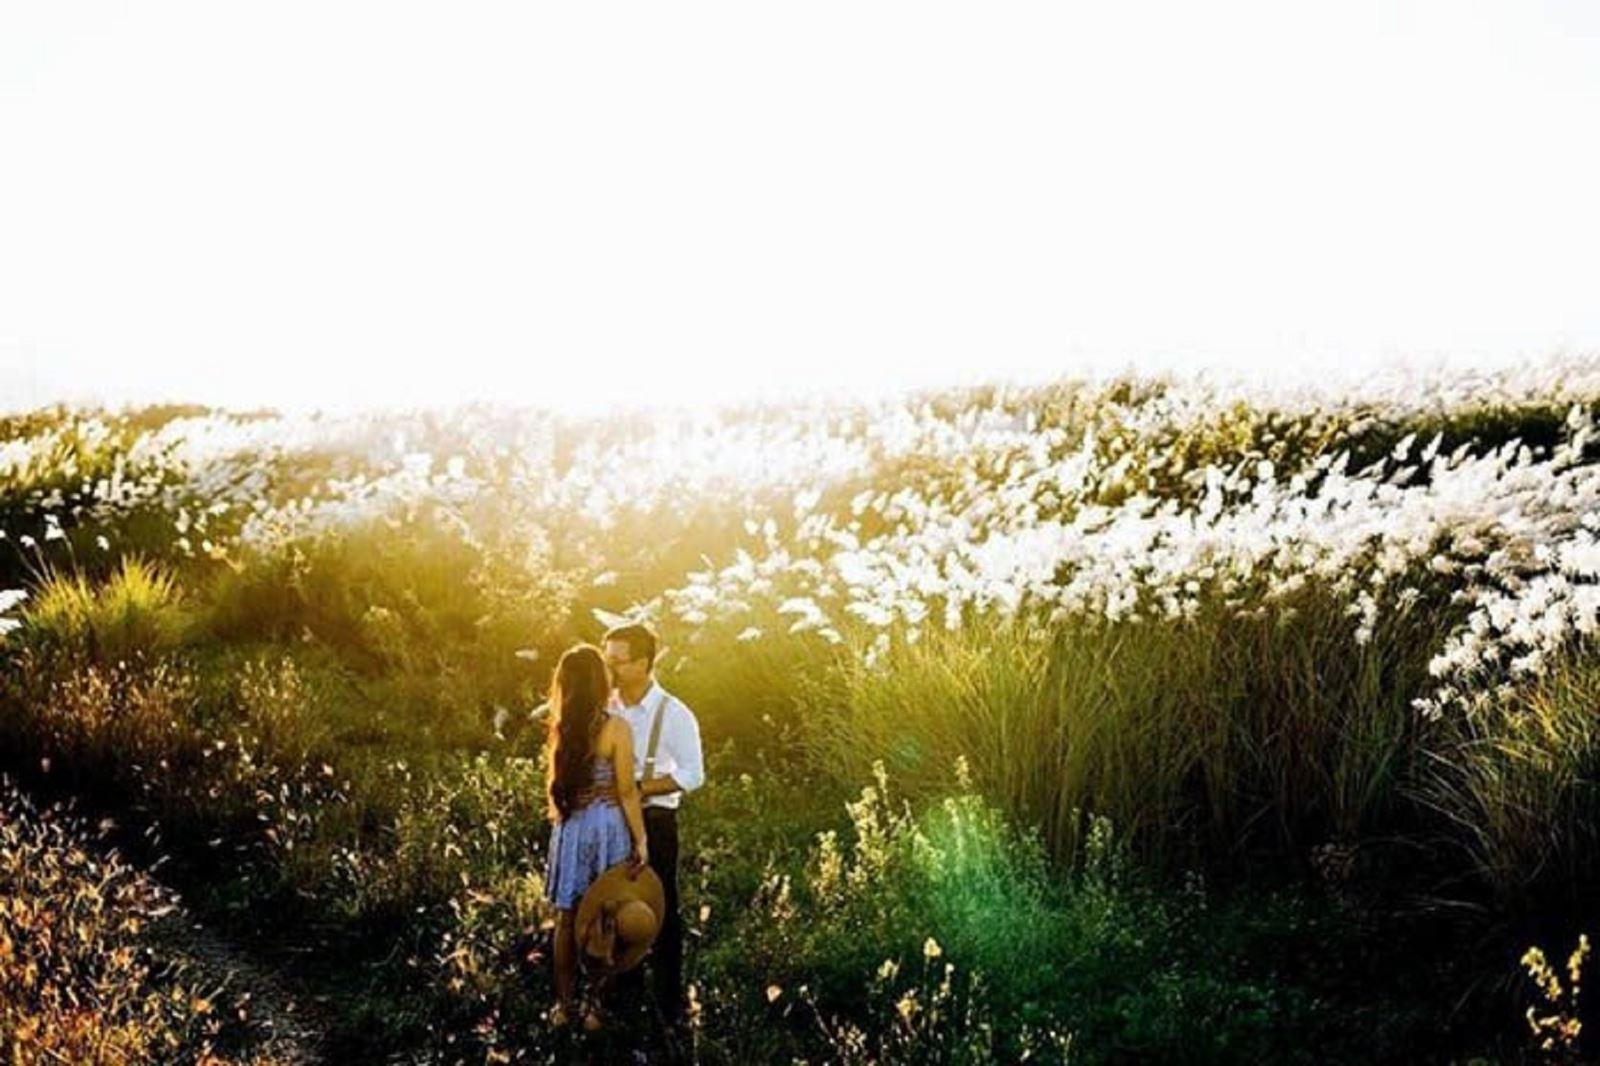 Đẹp đến lịm cả tim với cánh đồng cỏ lau tại Đà Nẵng